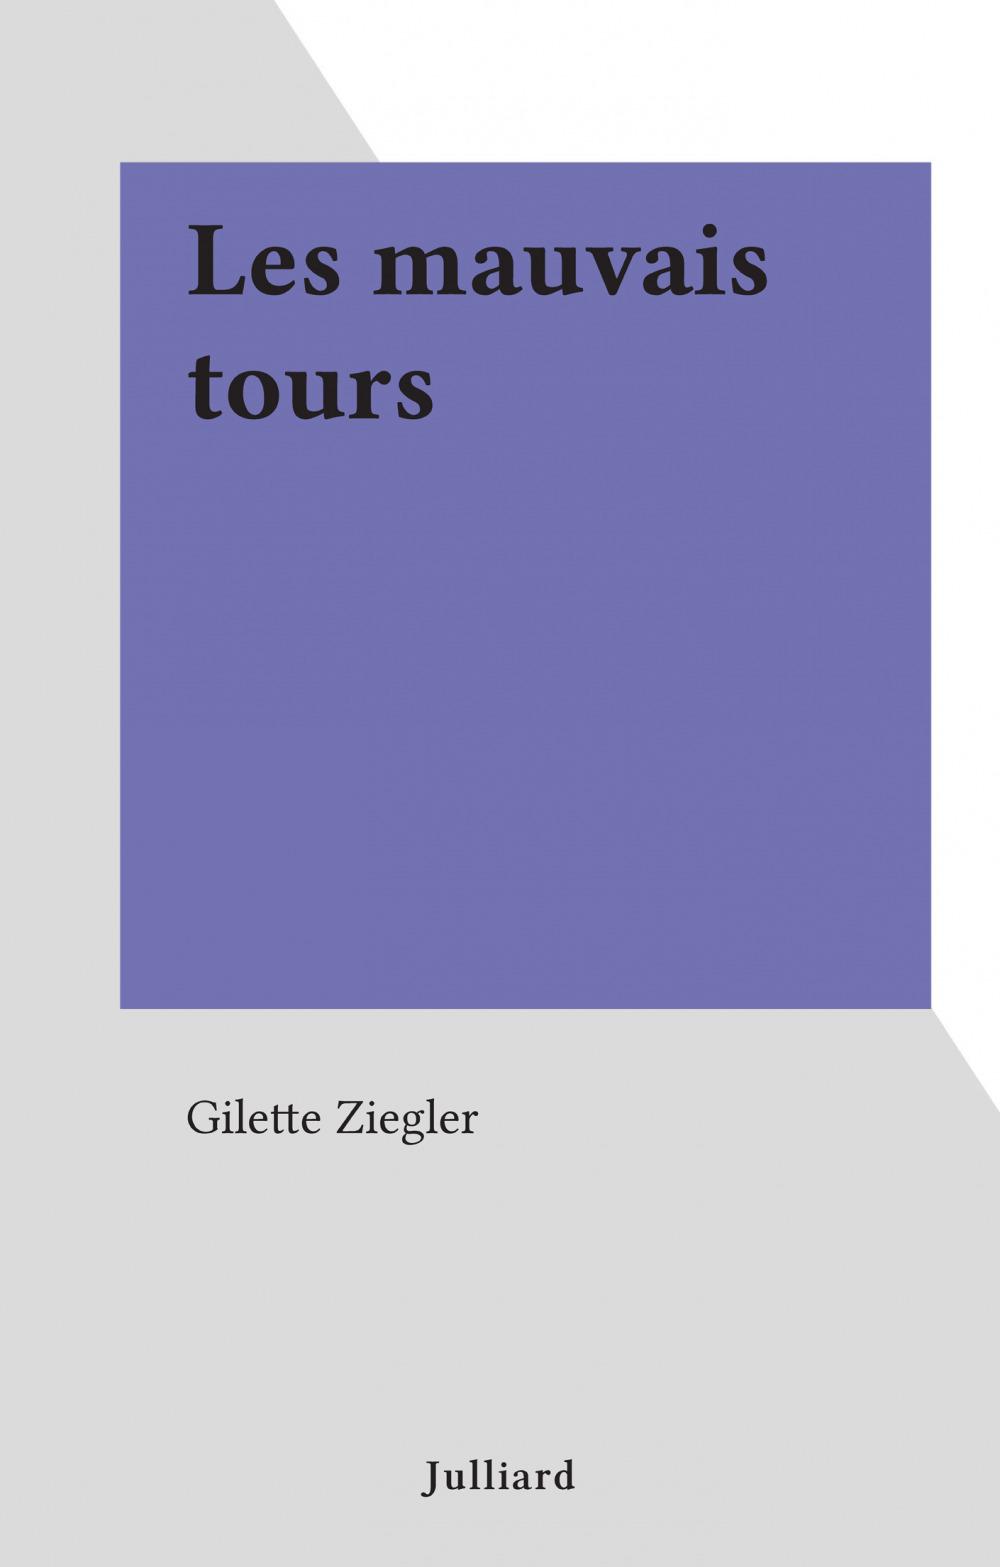 Les mauvais tours  - Gilette Ziegler